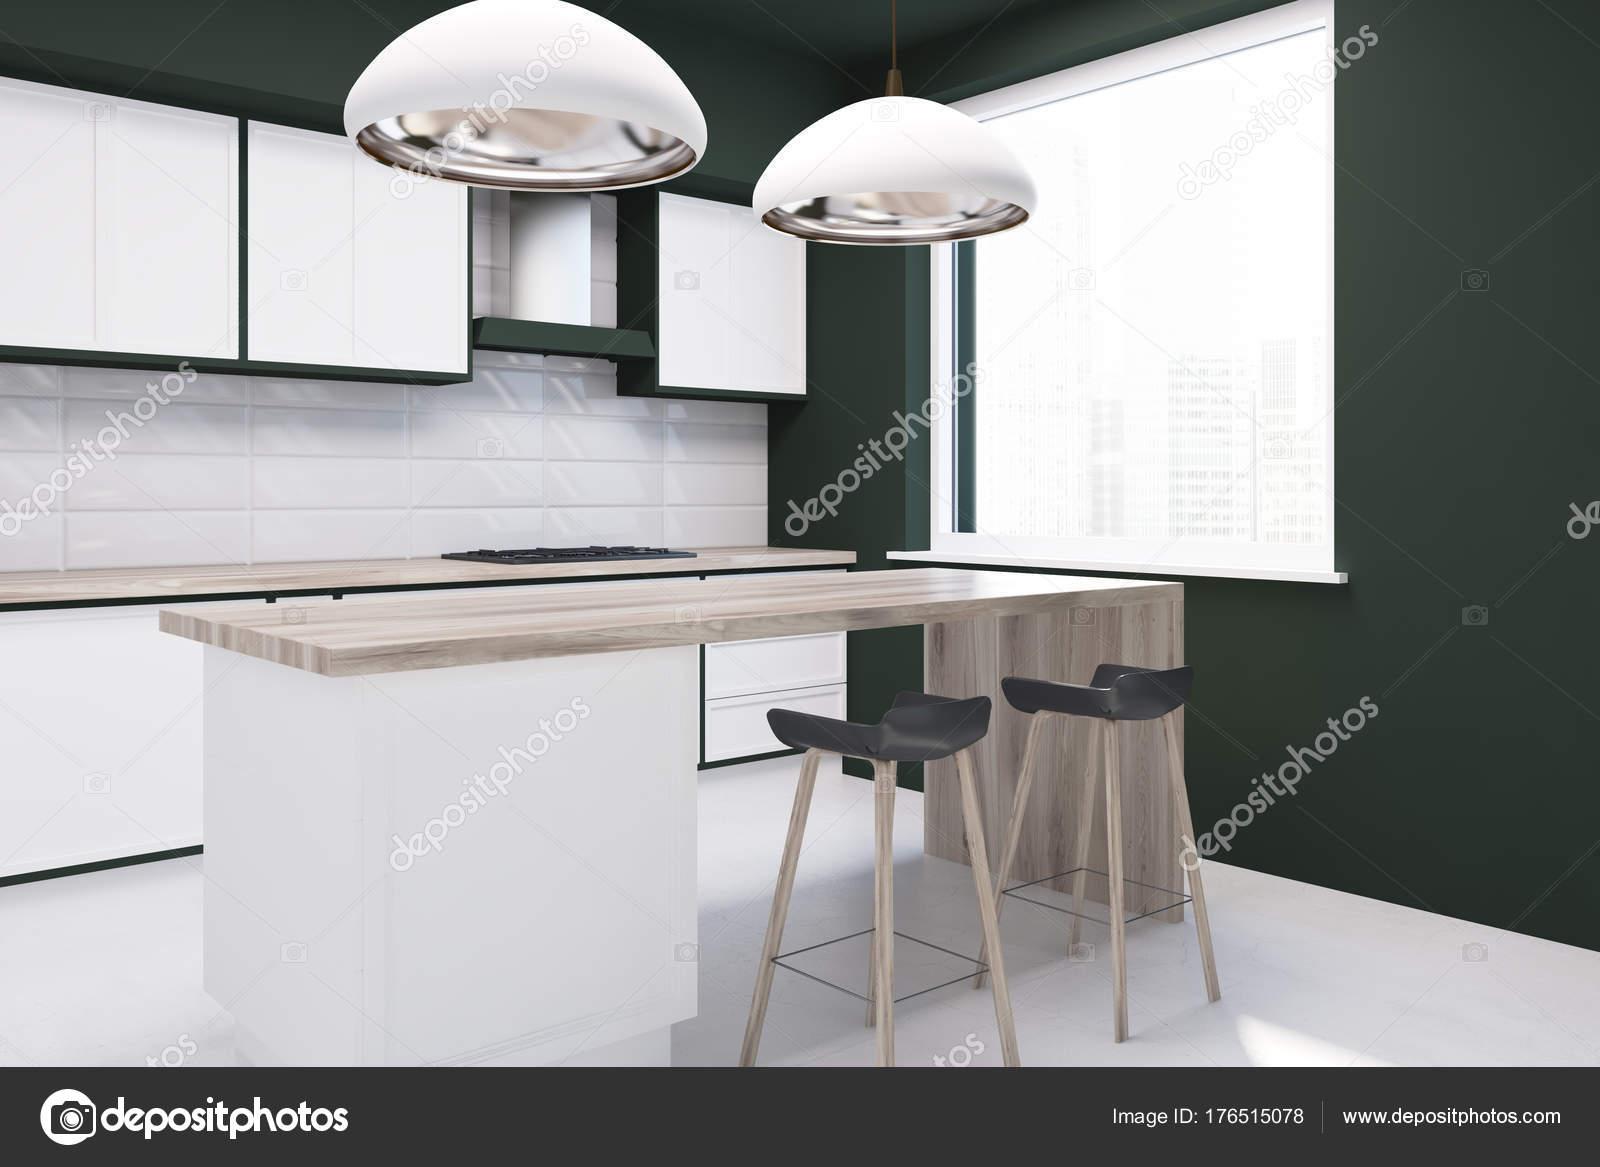 Weiße Fliesen und eine schwarze Küchenbar — Stockfoto ...